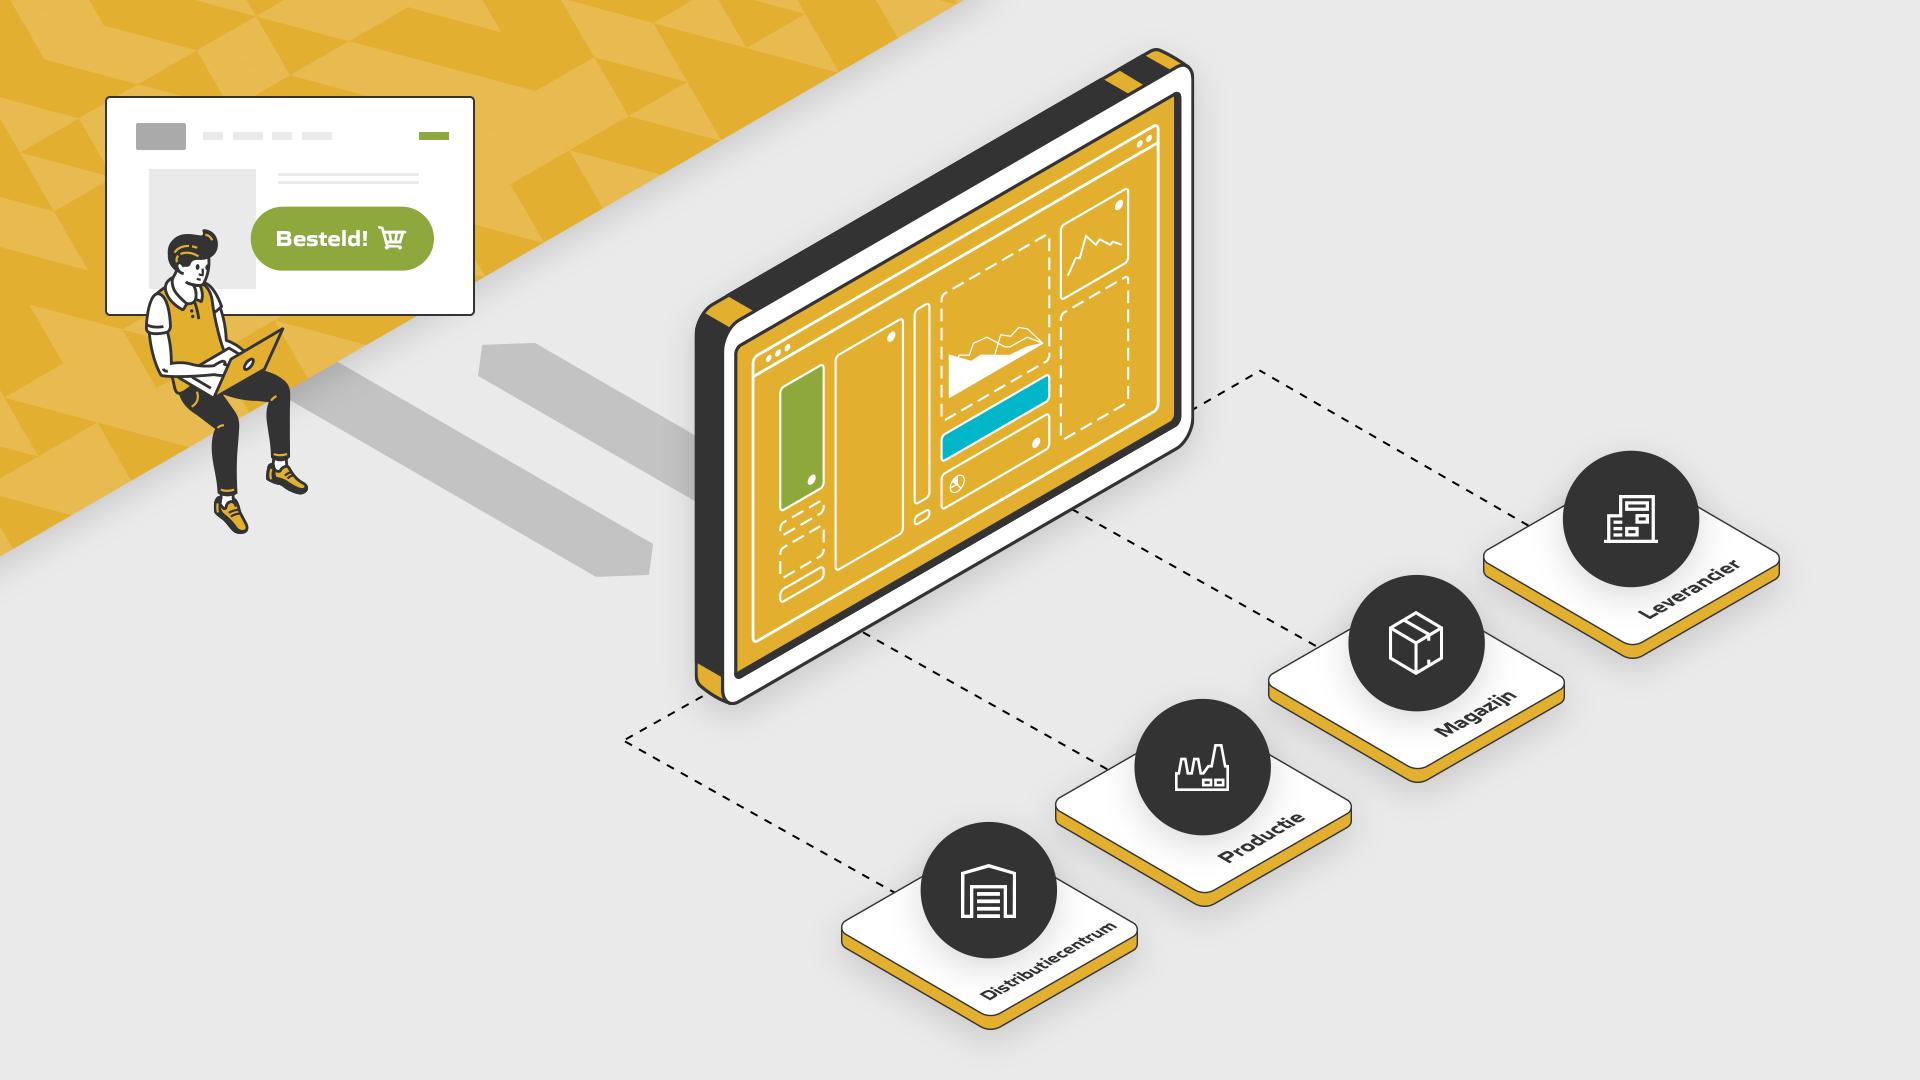 Proces optimalisatie digitale ketenintegratie